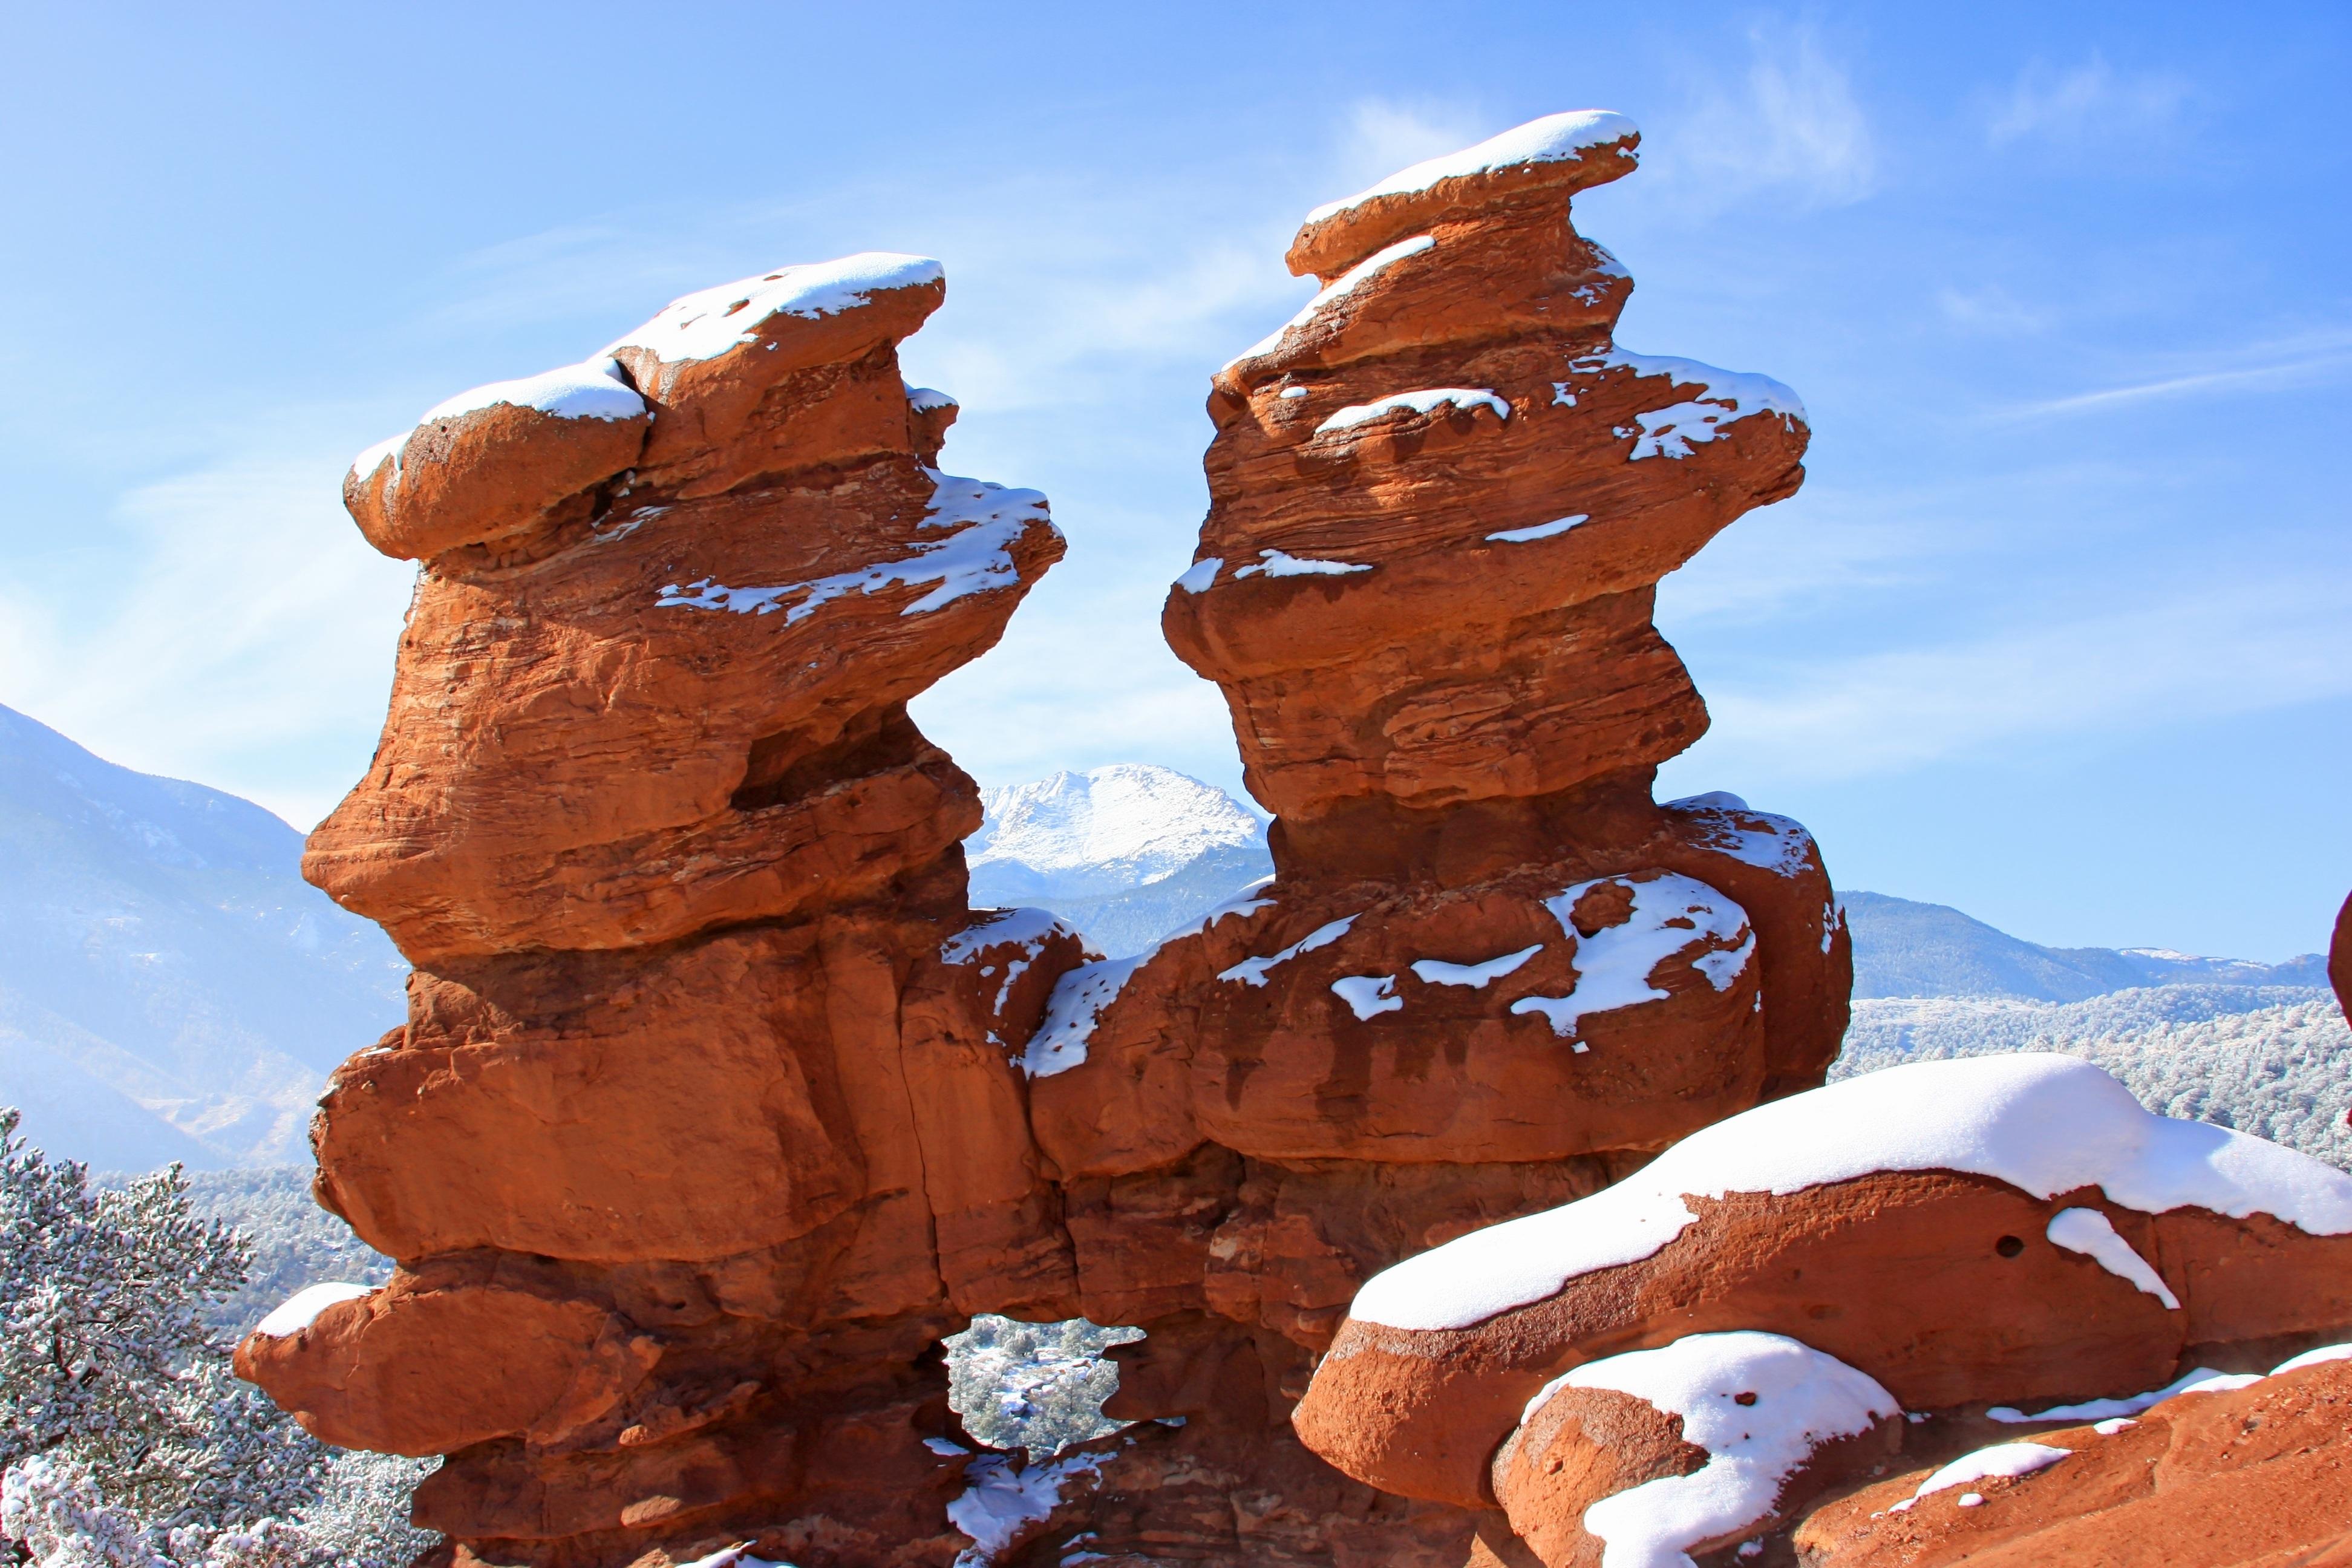 Free Images Landscape Rock Mountain Desert Sandstone